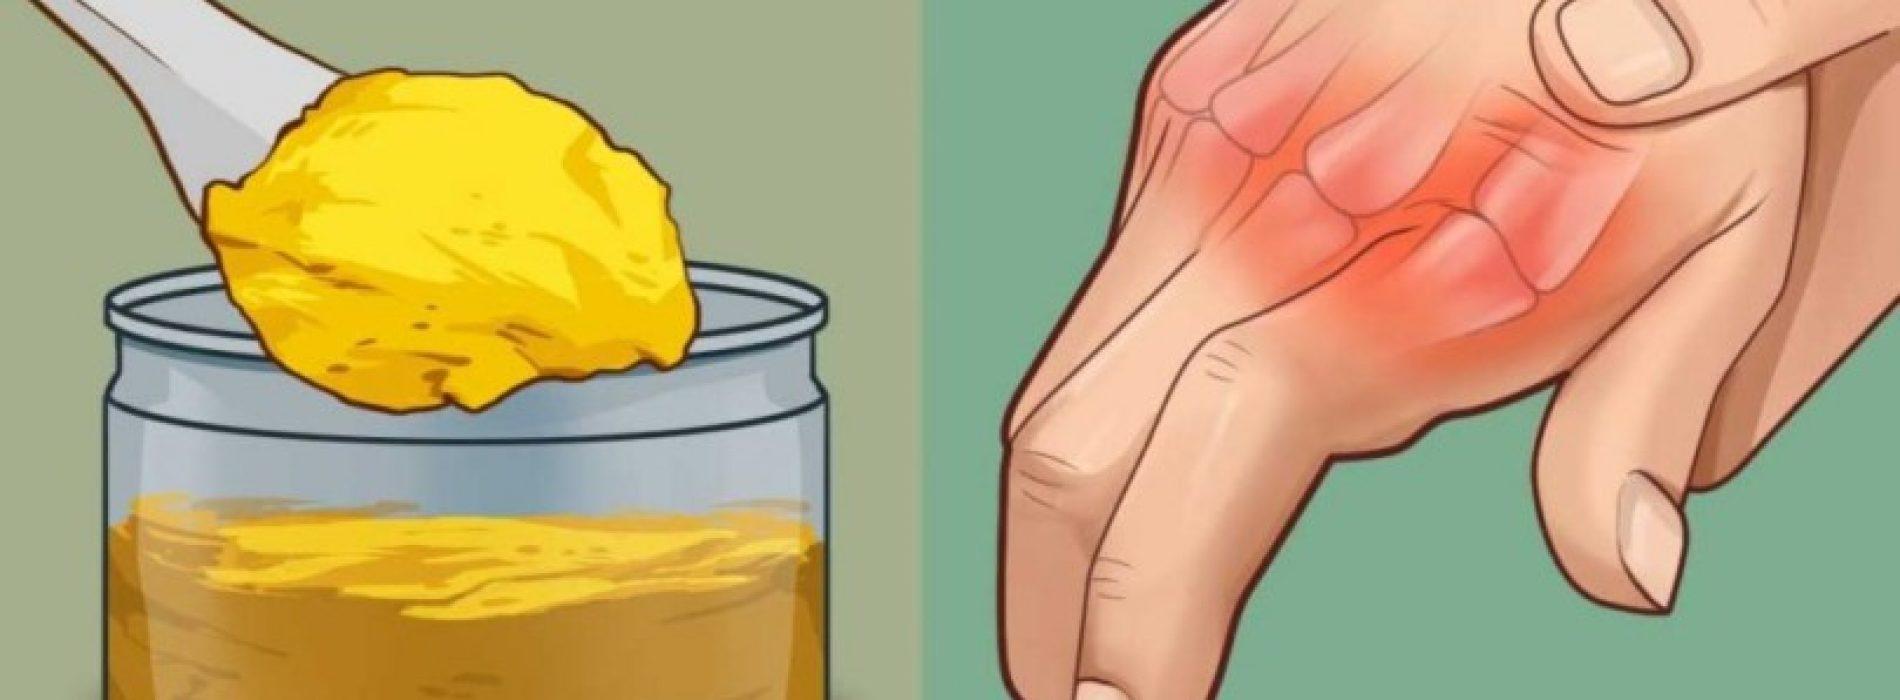 Last van pijnlijke handen en gewrichten bij het opstaan? DIT helpt tegen de pijn!